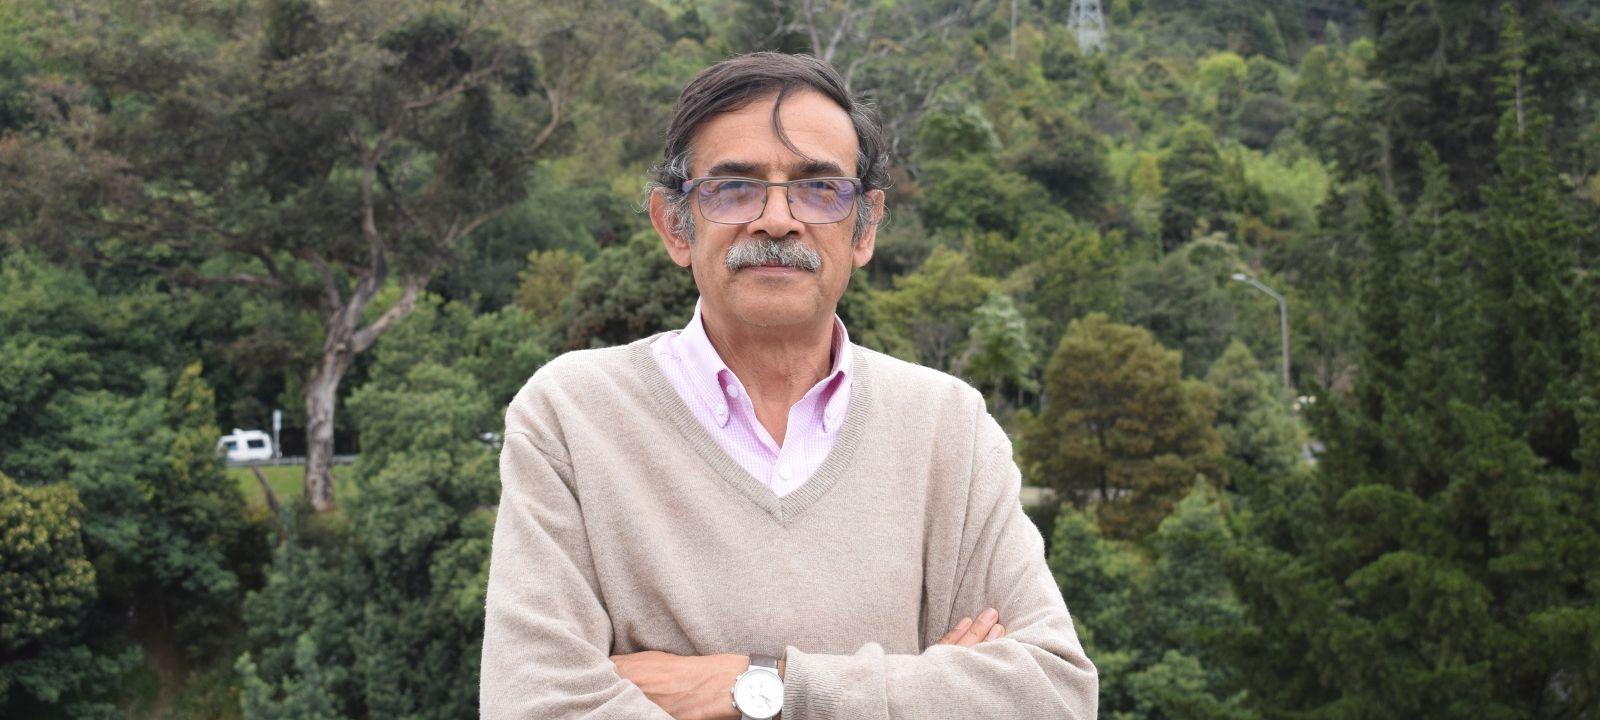 José Rafael Toro, profesor emérito de la Facultad de Ingeniería